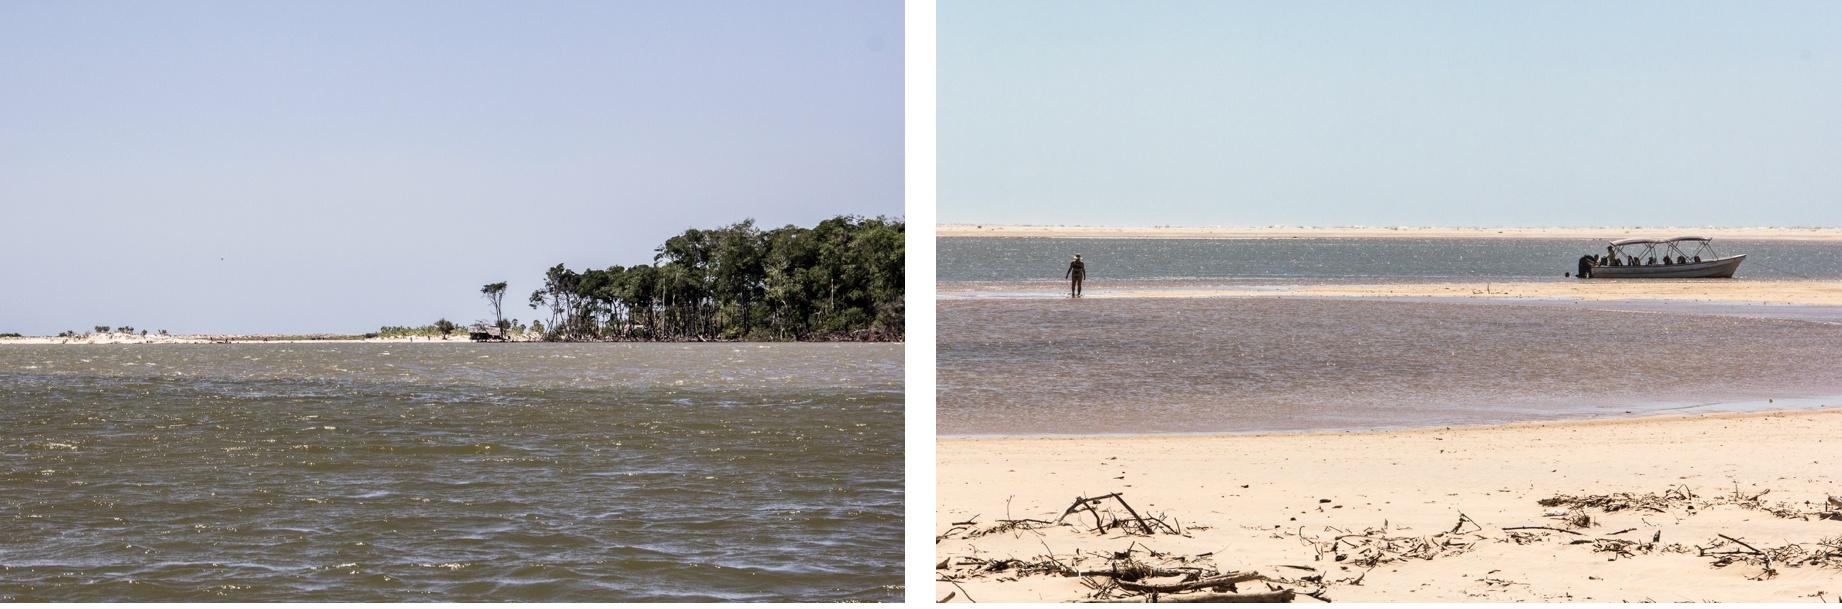 Les eaux du fleuve Parnaíba rencontrent l'océan. Route des Sensations.